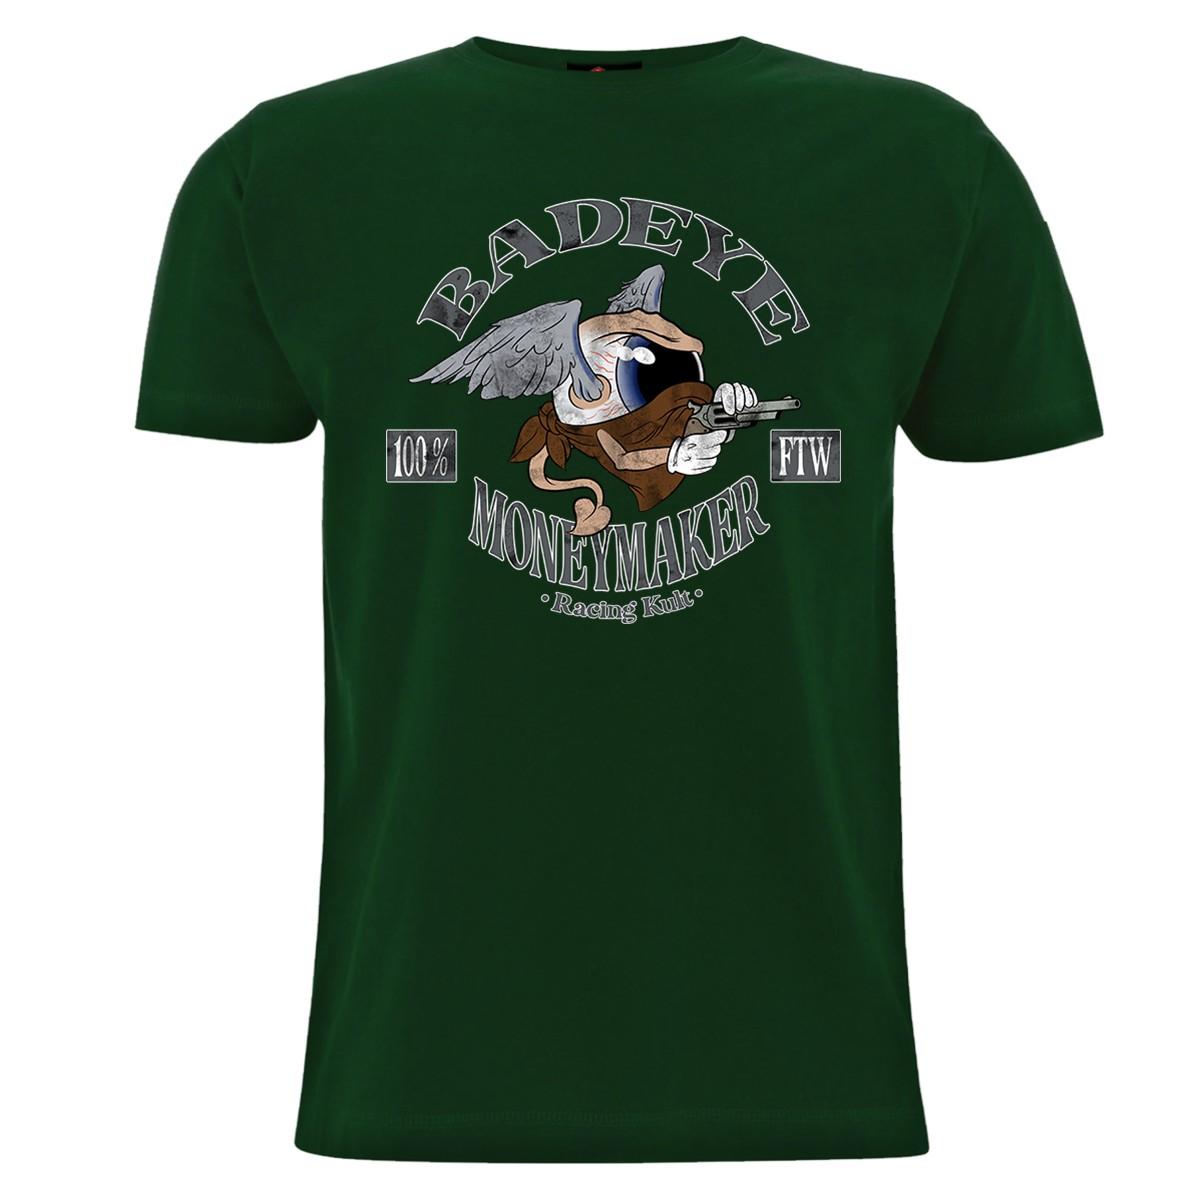 Racing Kult T-Shirt Moneymaker Frontprint